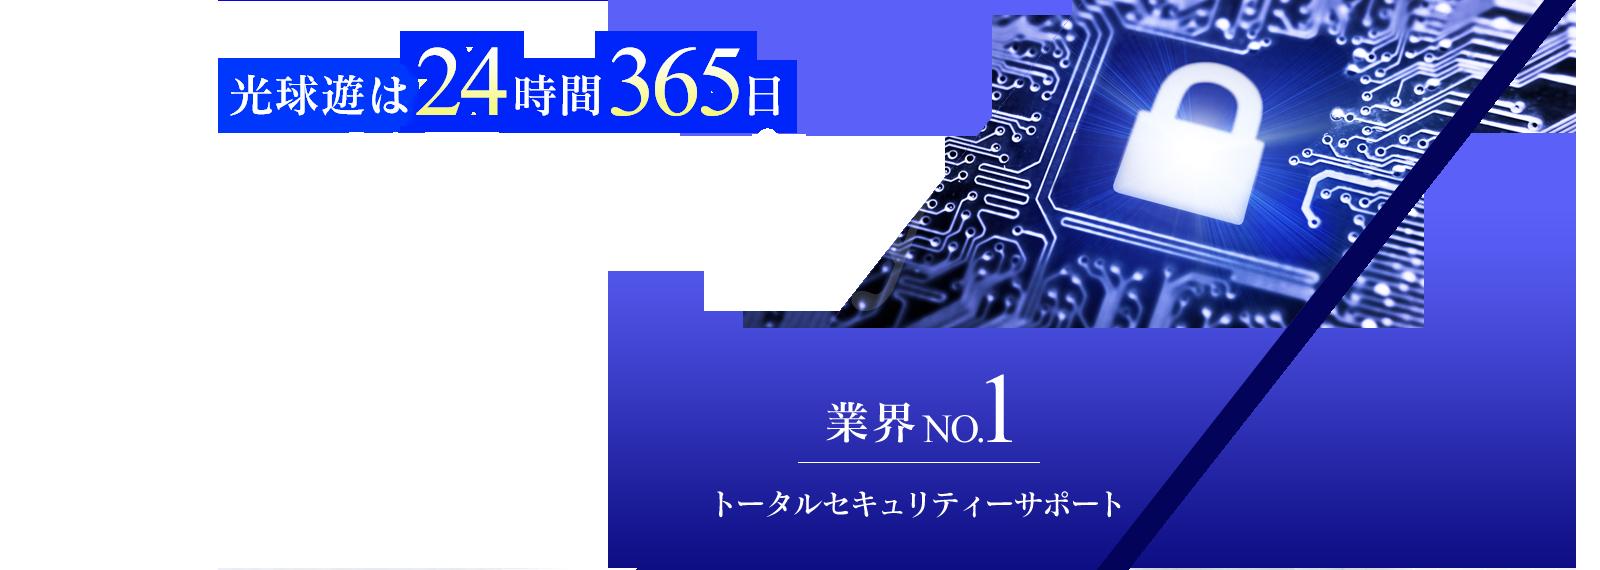 トータルセキュリティーサポート